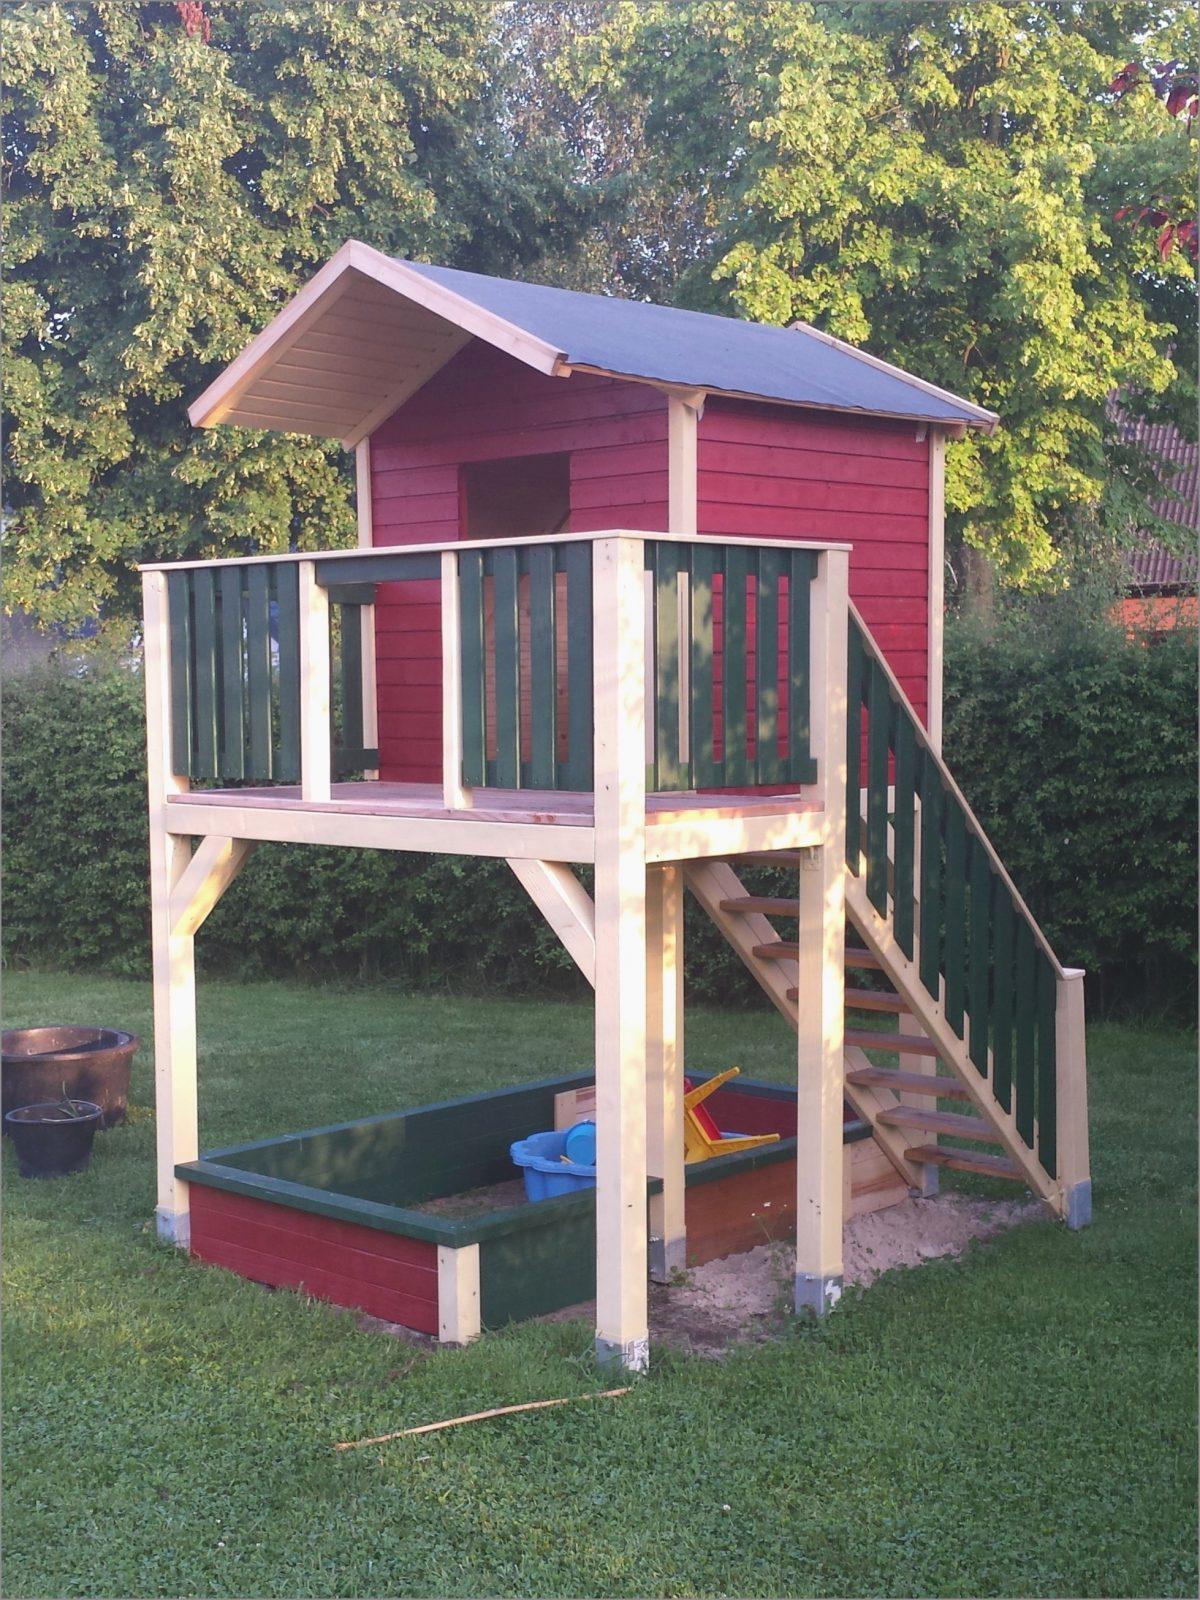 Kinder Holzhaus Selber Bauen Beispiele 46 Neu Fotos Von Kinderbett von Kinder Holzhaus Selber Bauen Bild